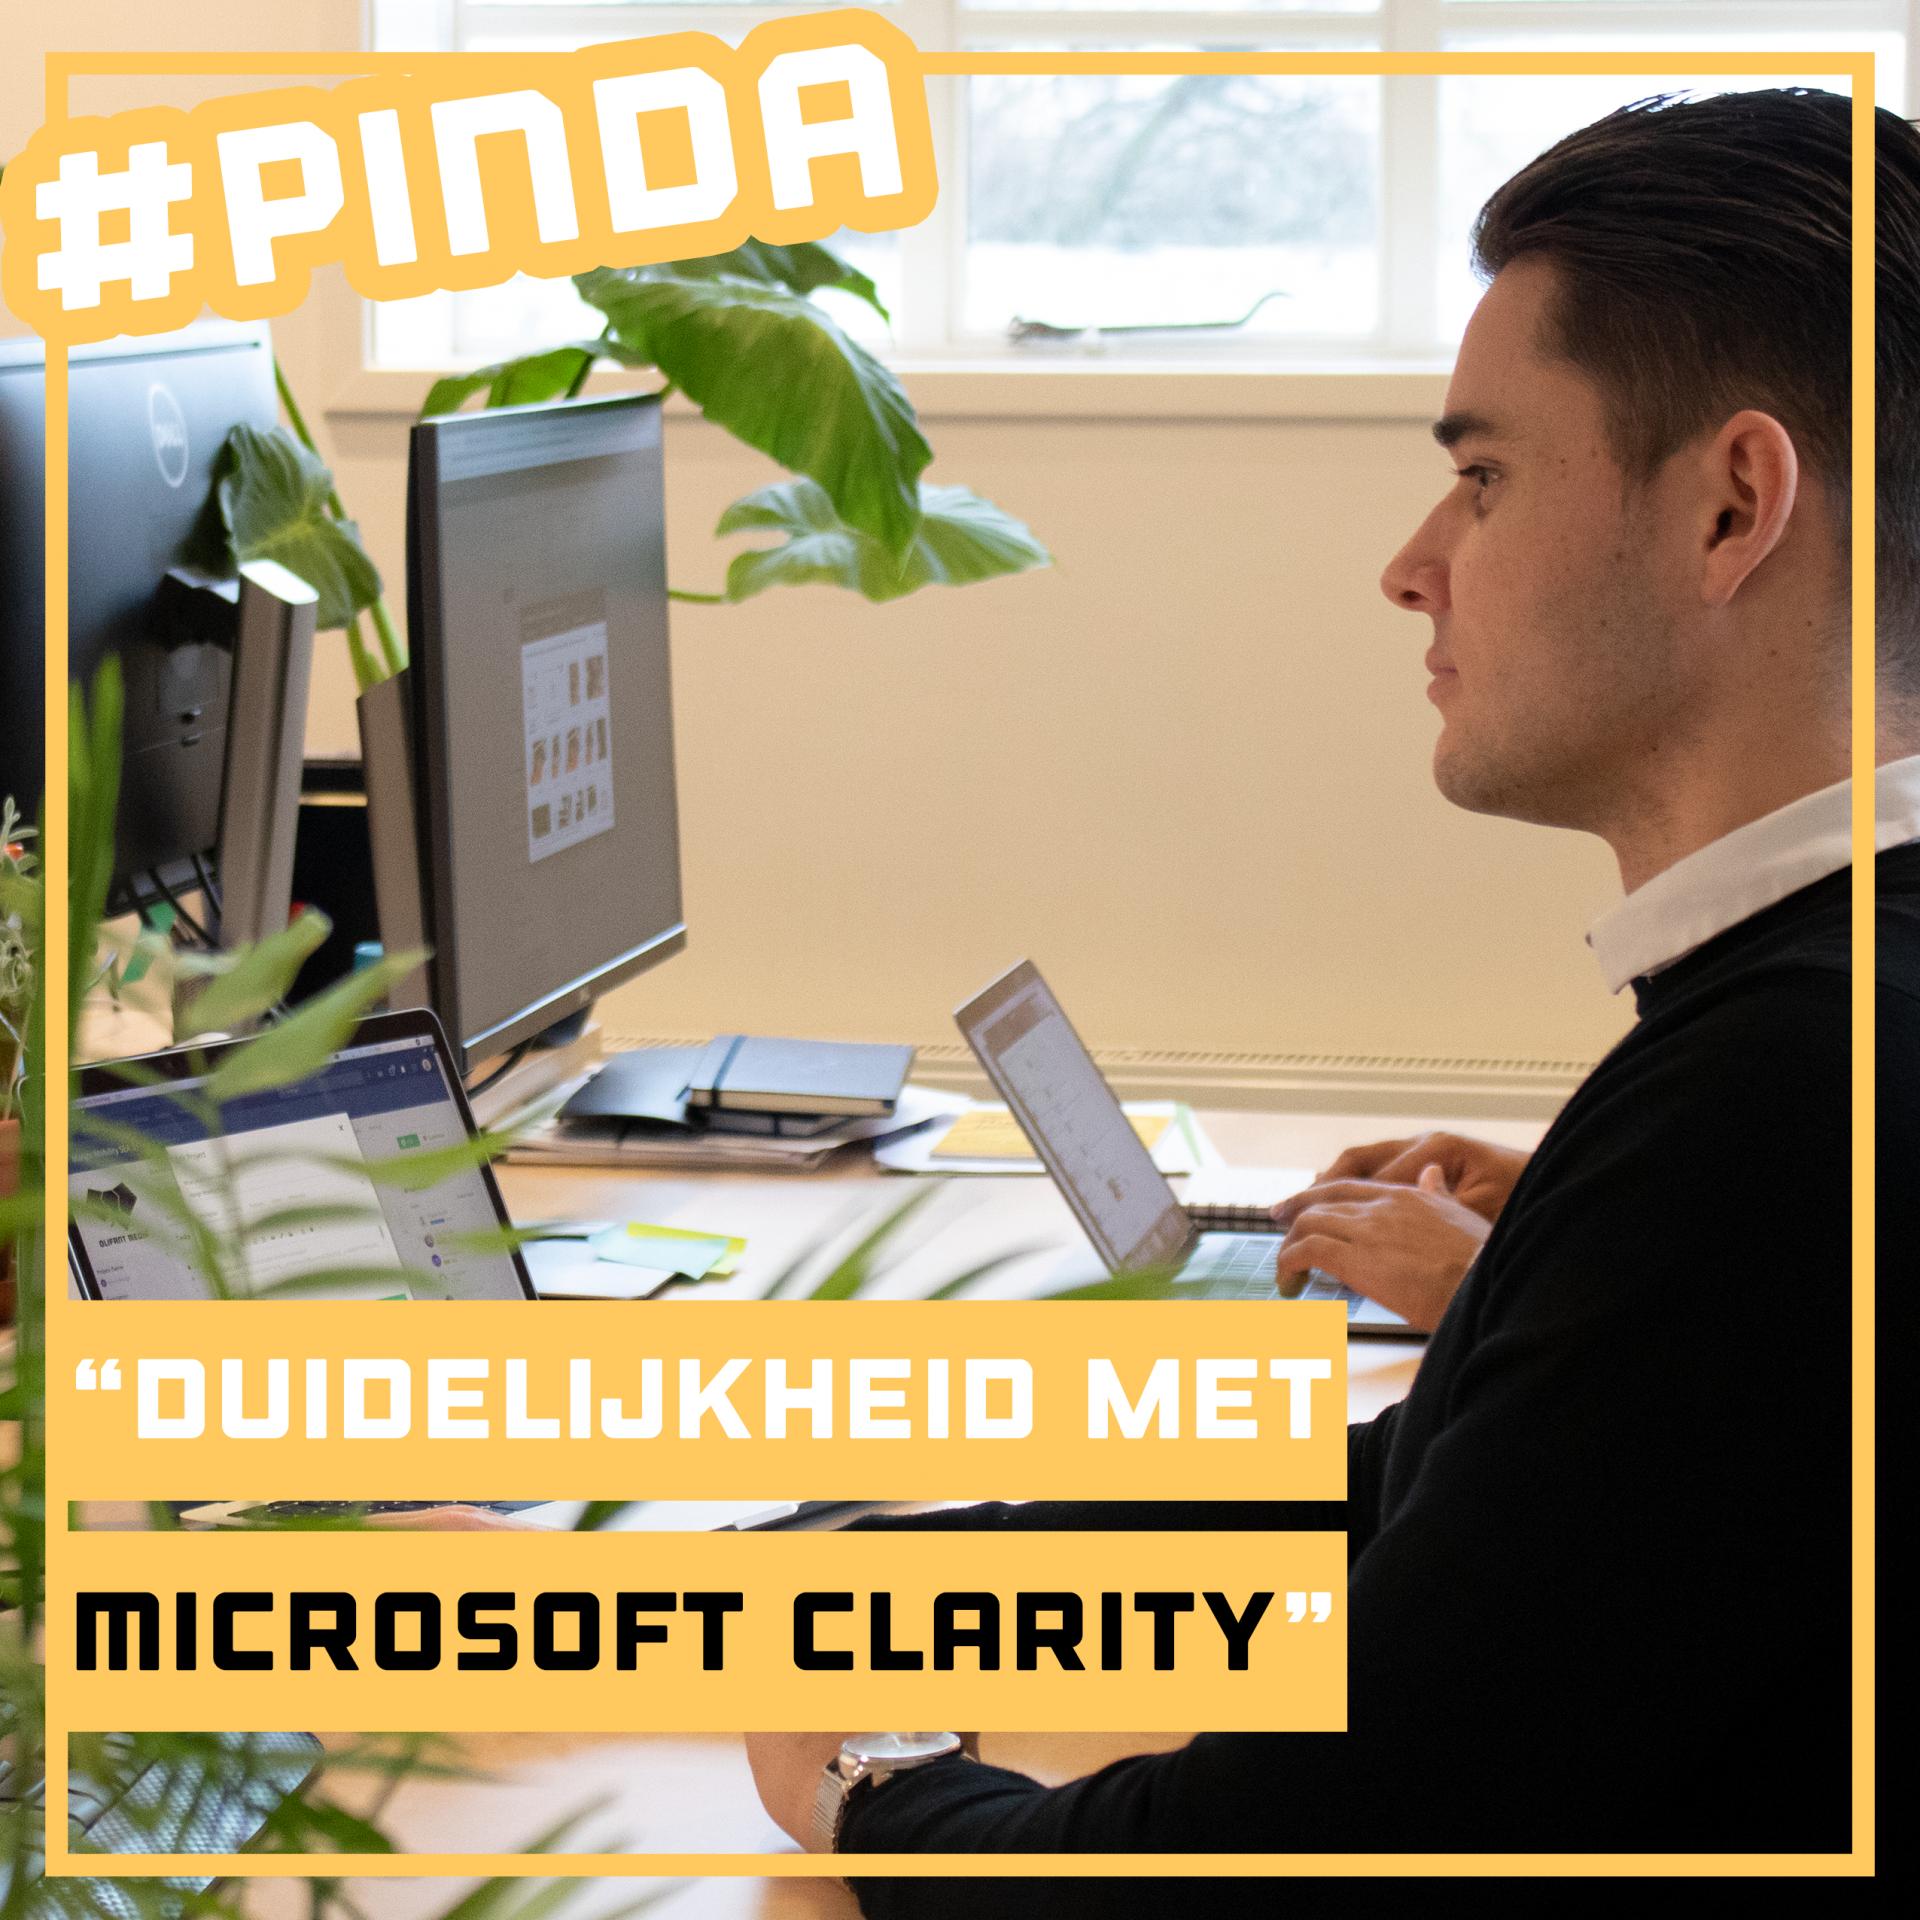 Duidelijkheid met Microsoft Clarity